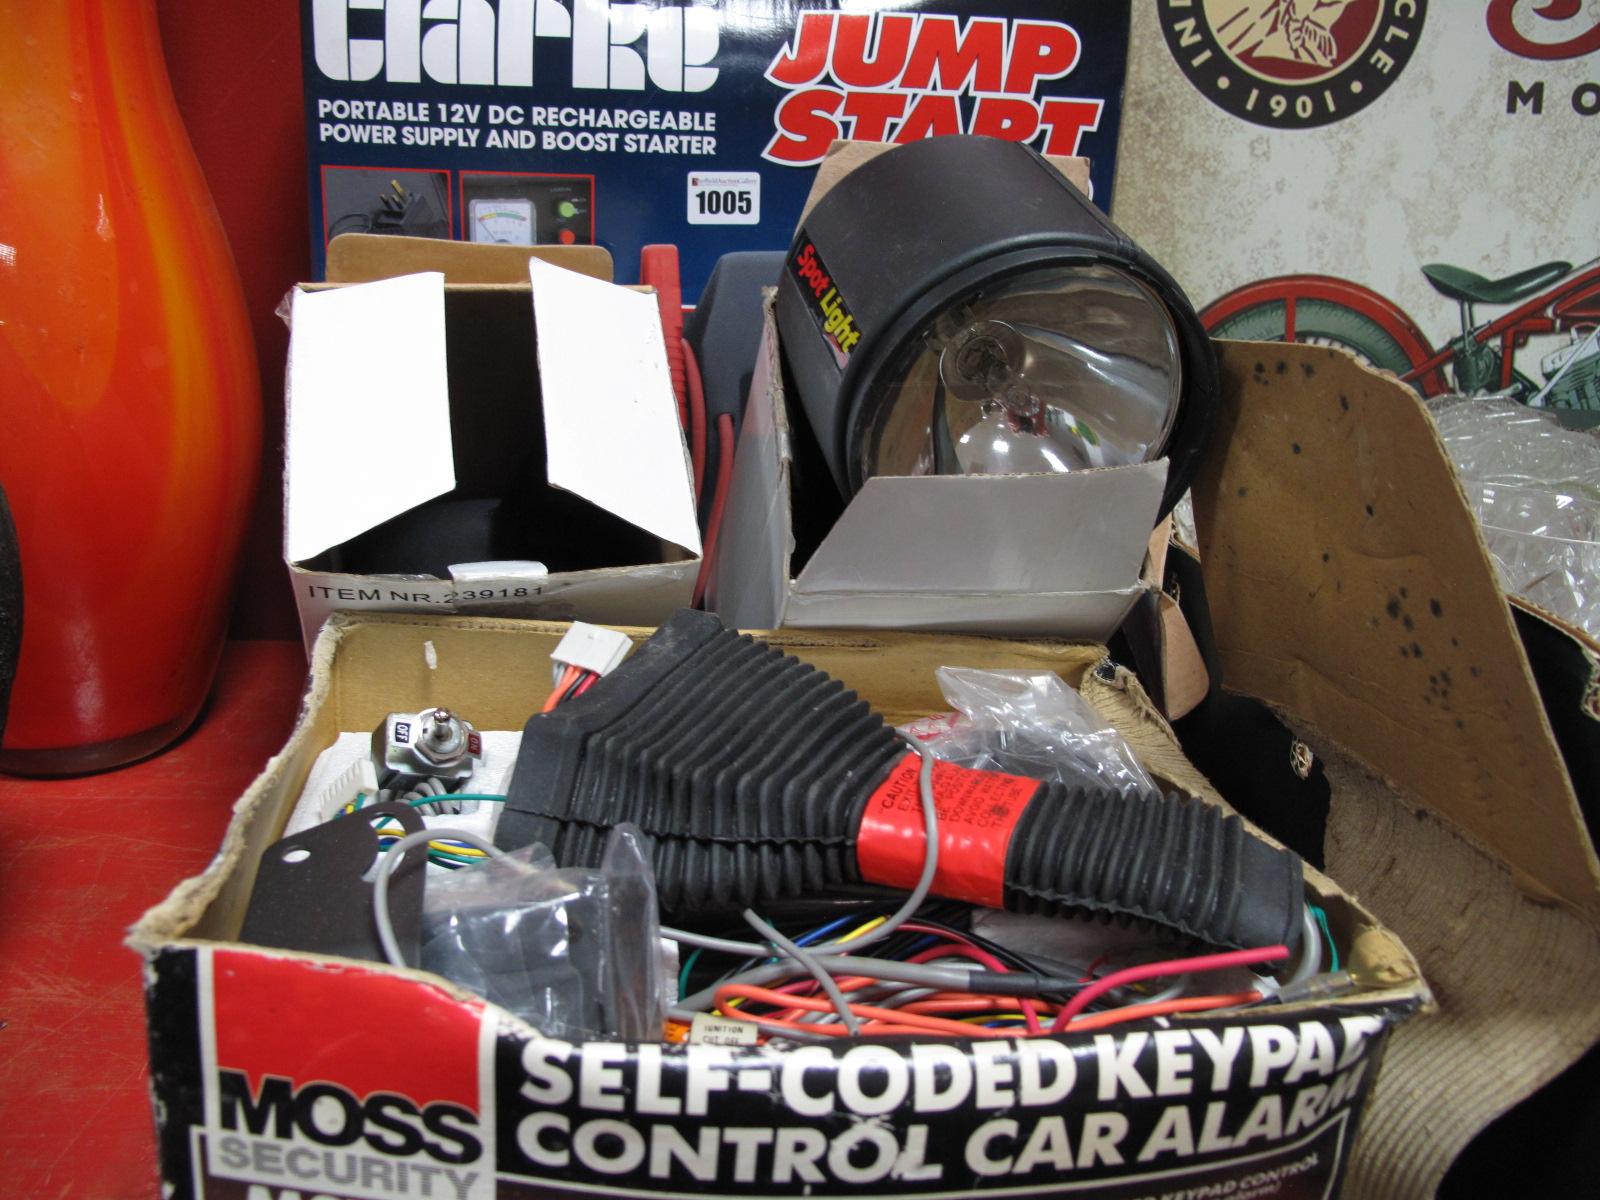 Lot 1005 - A Clarke Jump Start 900 Set, car alarm, spot lights.